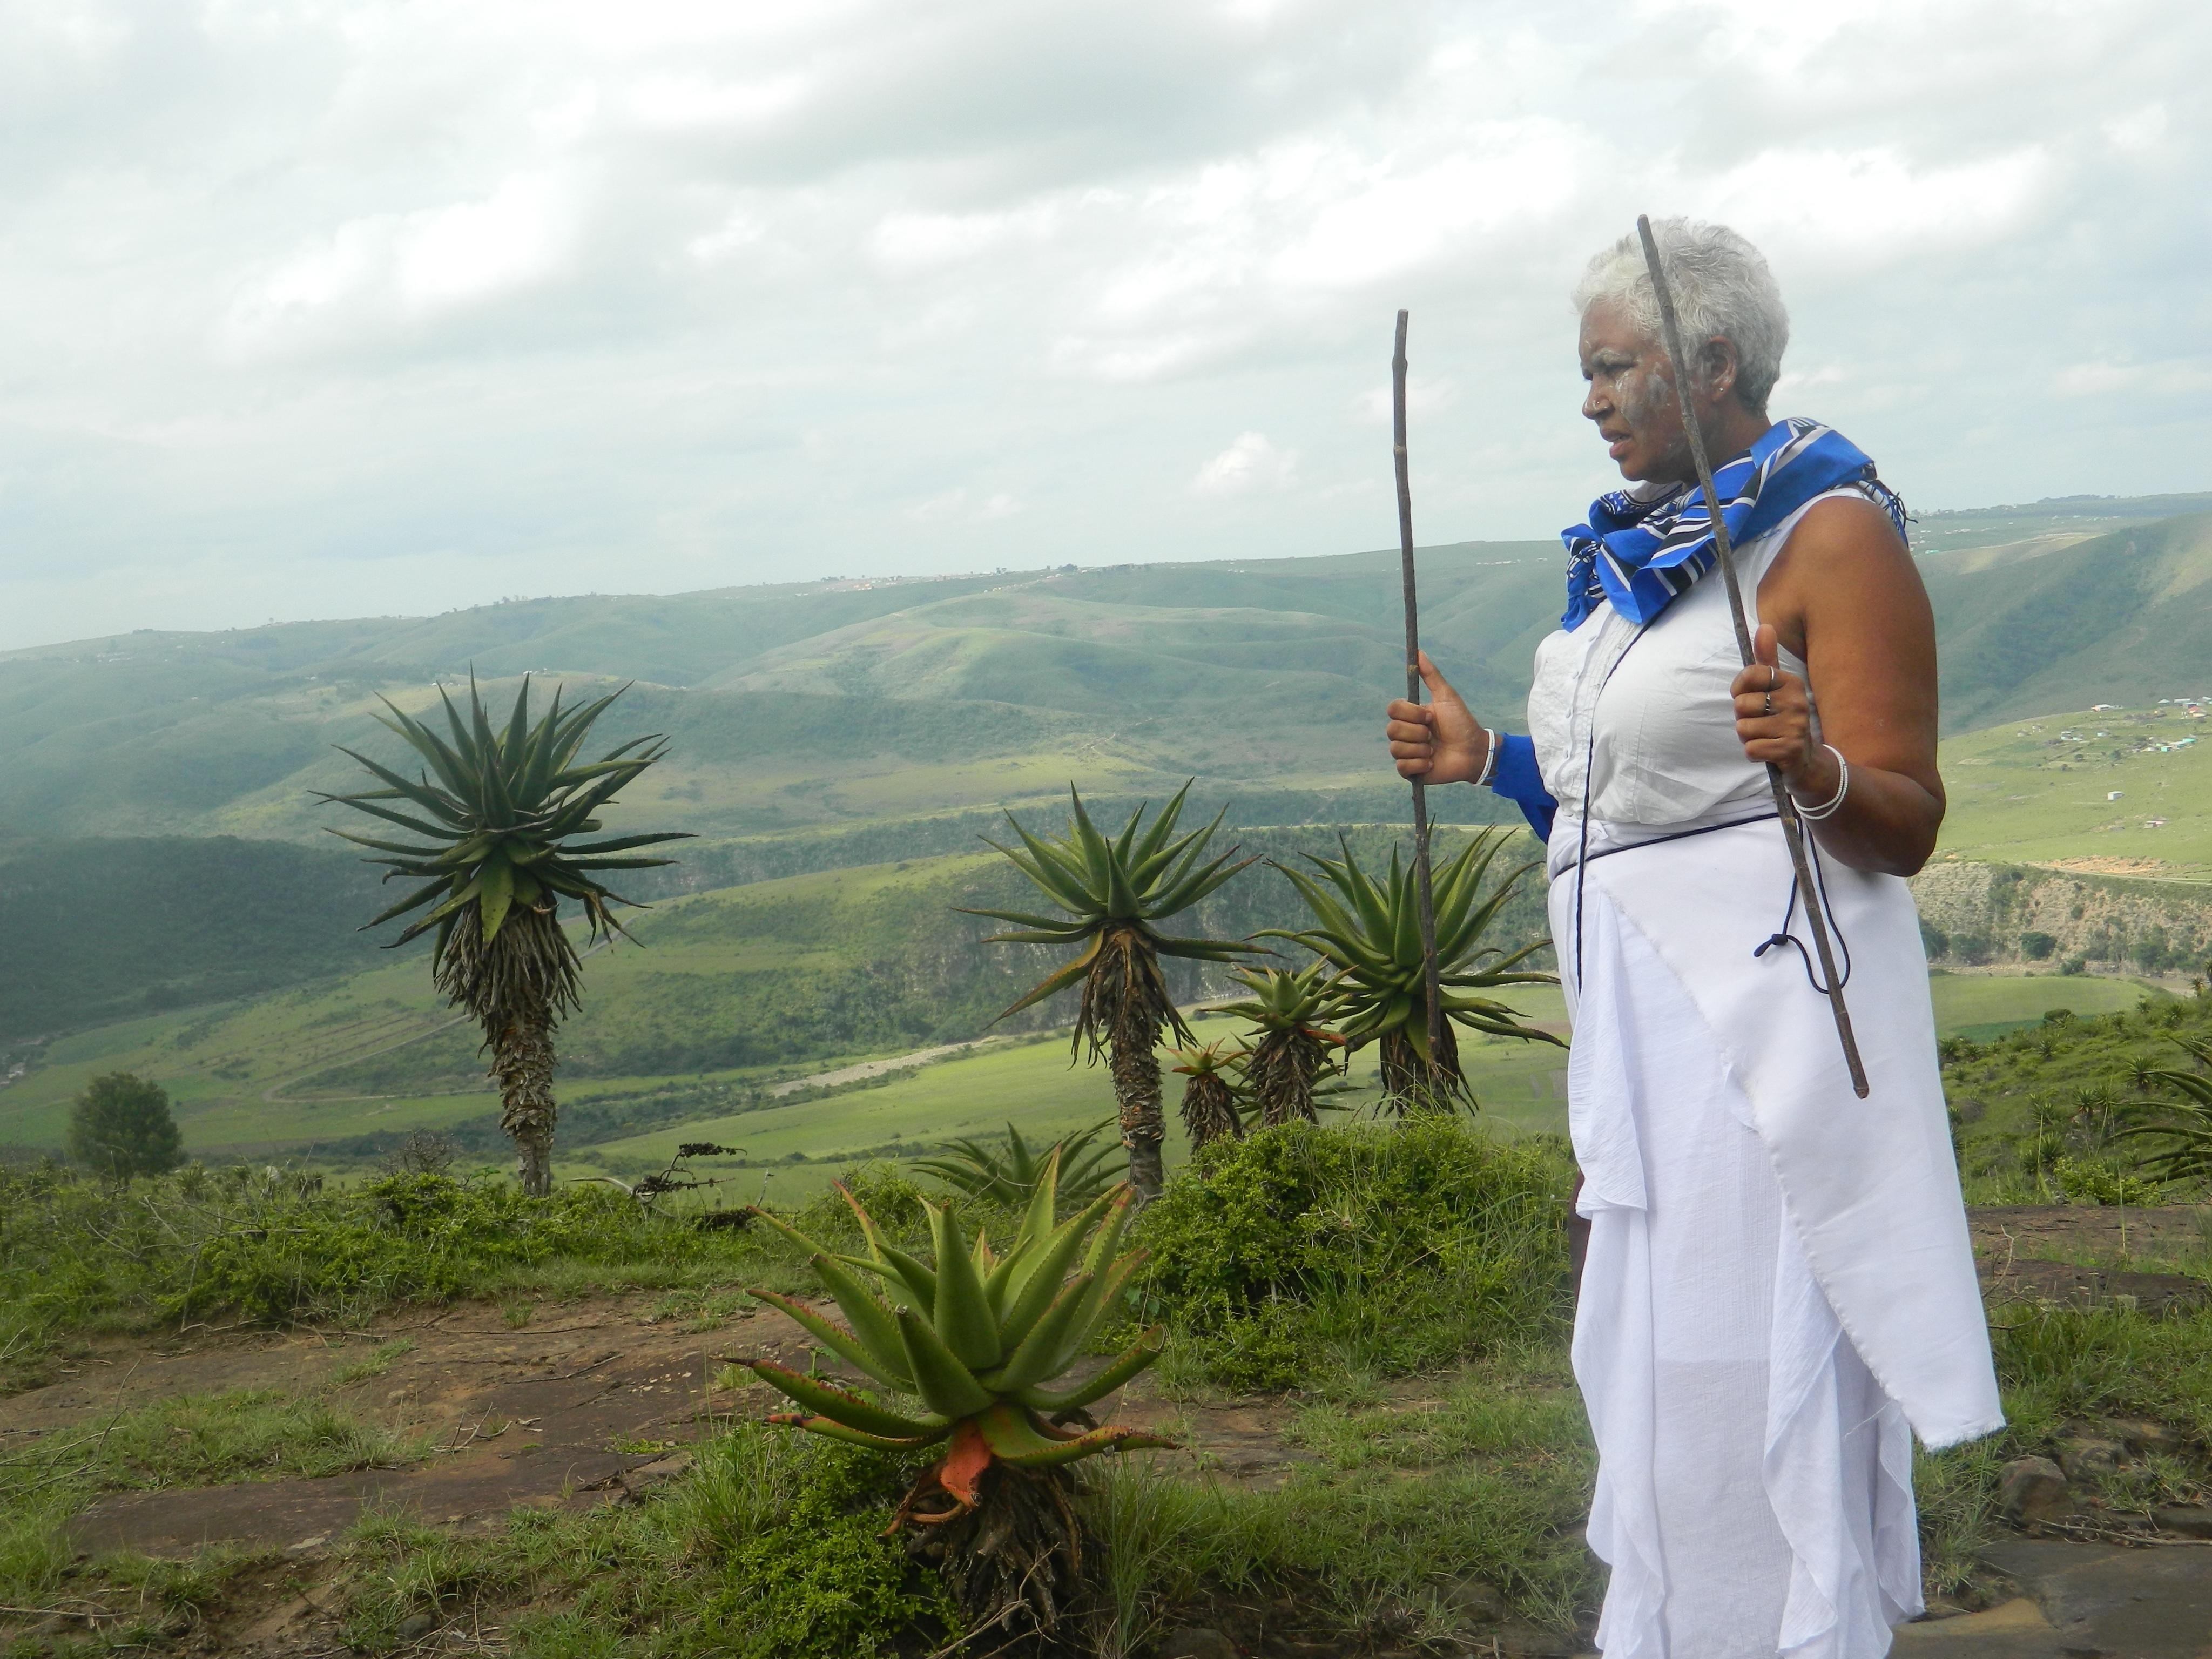 Image Zulu Man And Xhosa Woman